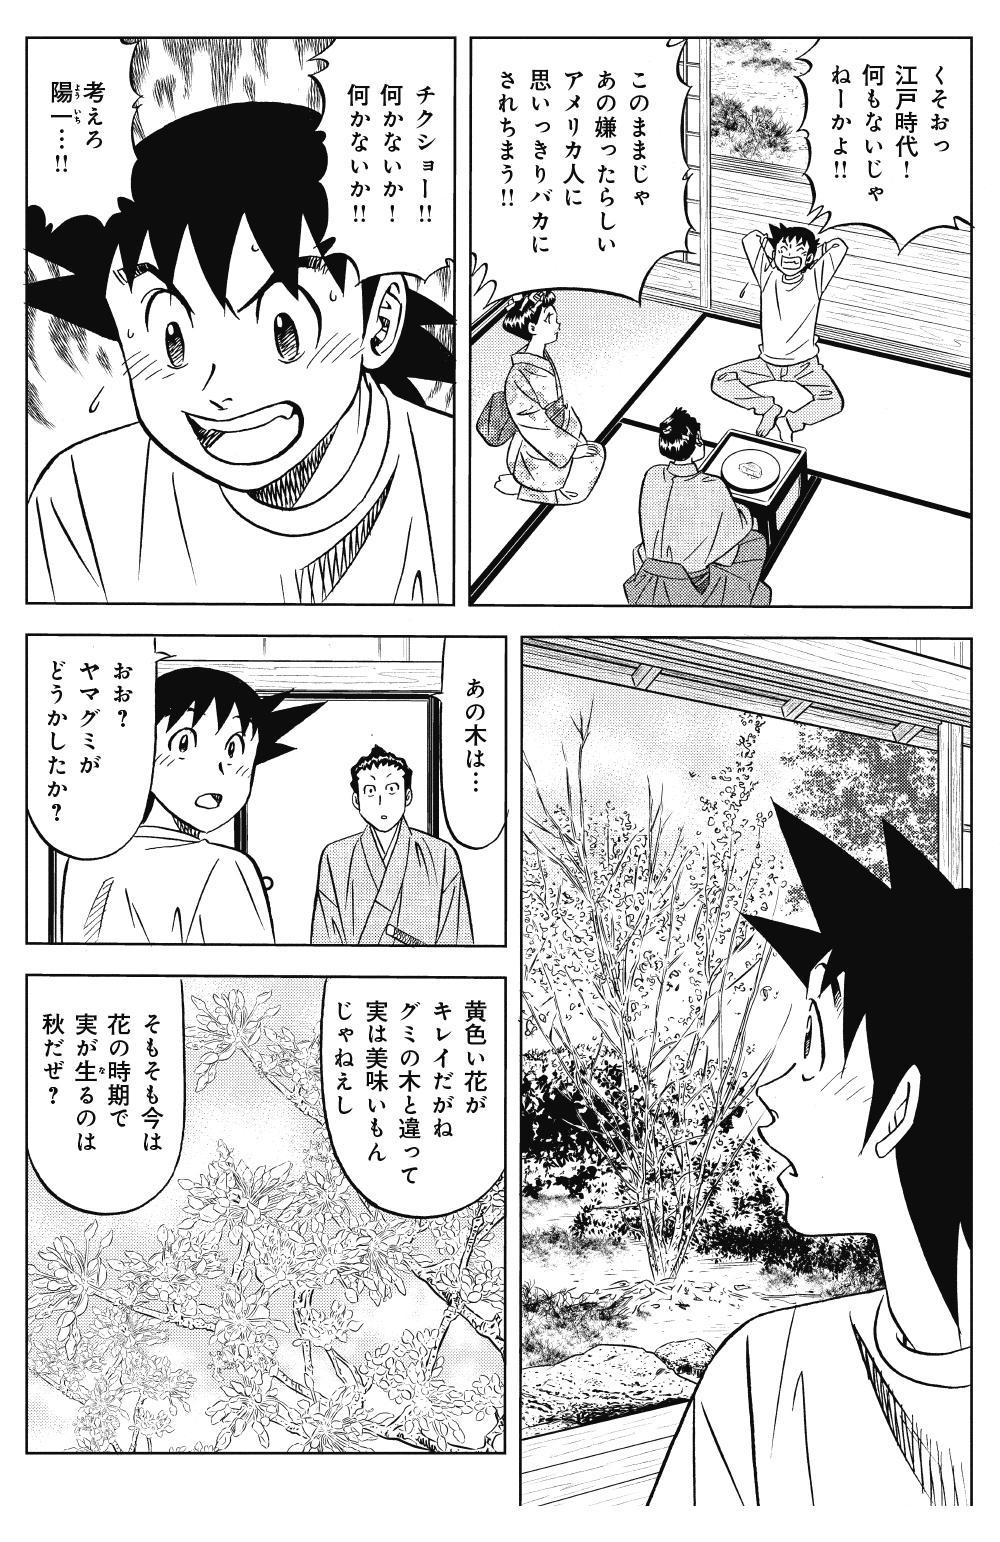 ミスター味っ子 幕末編 第1話「黒船来航」②ajikko24.jpg